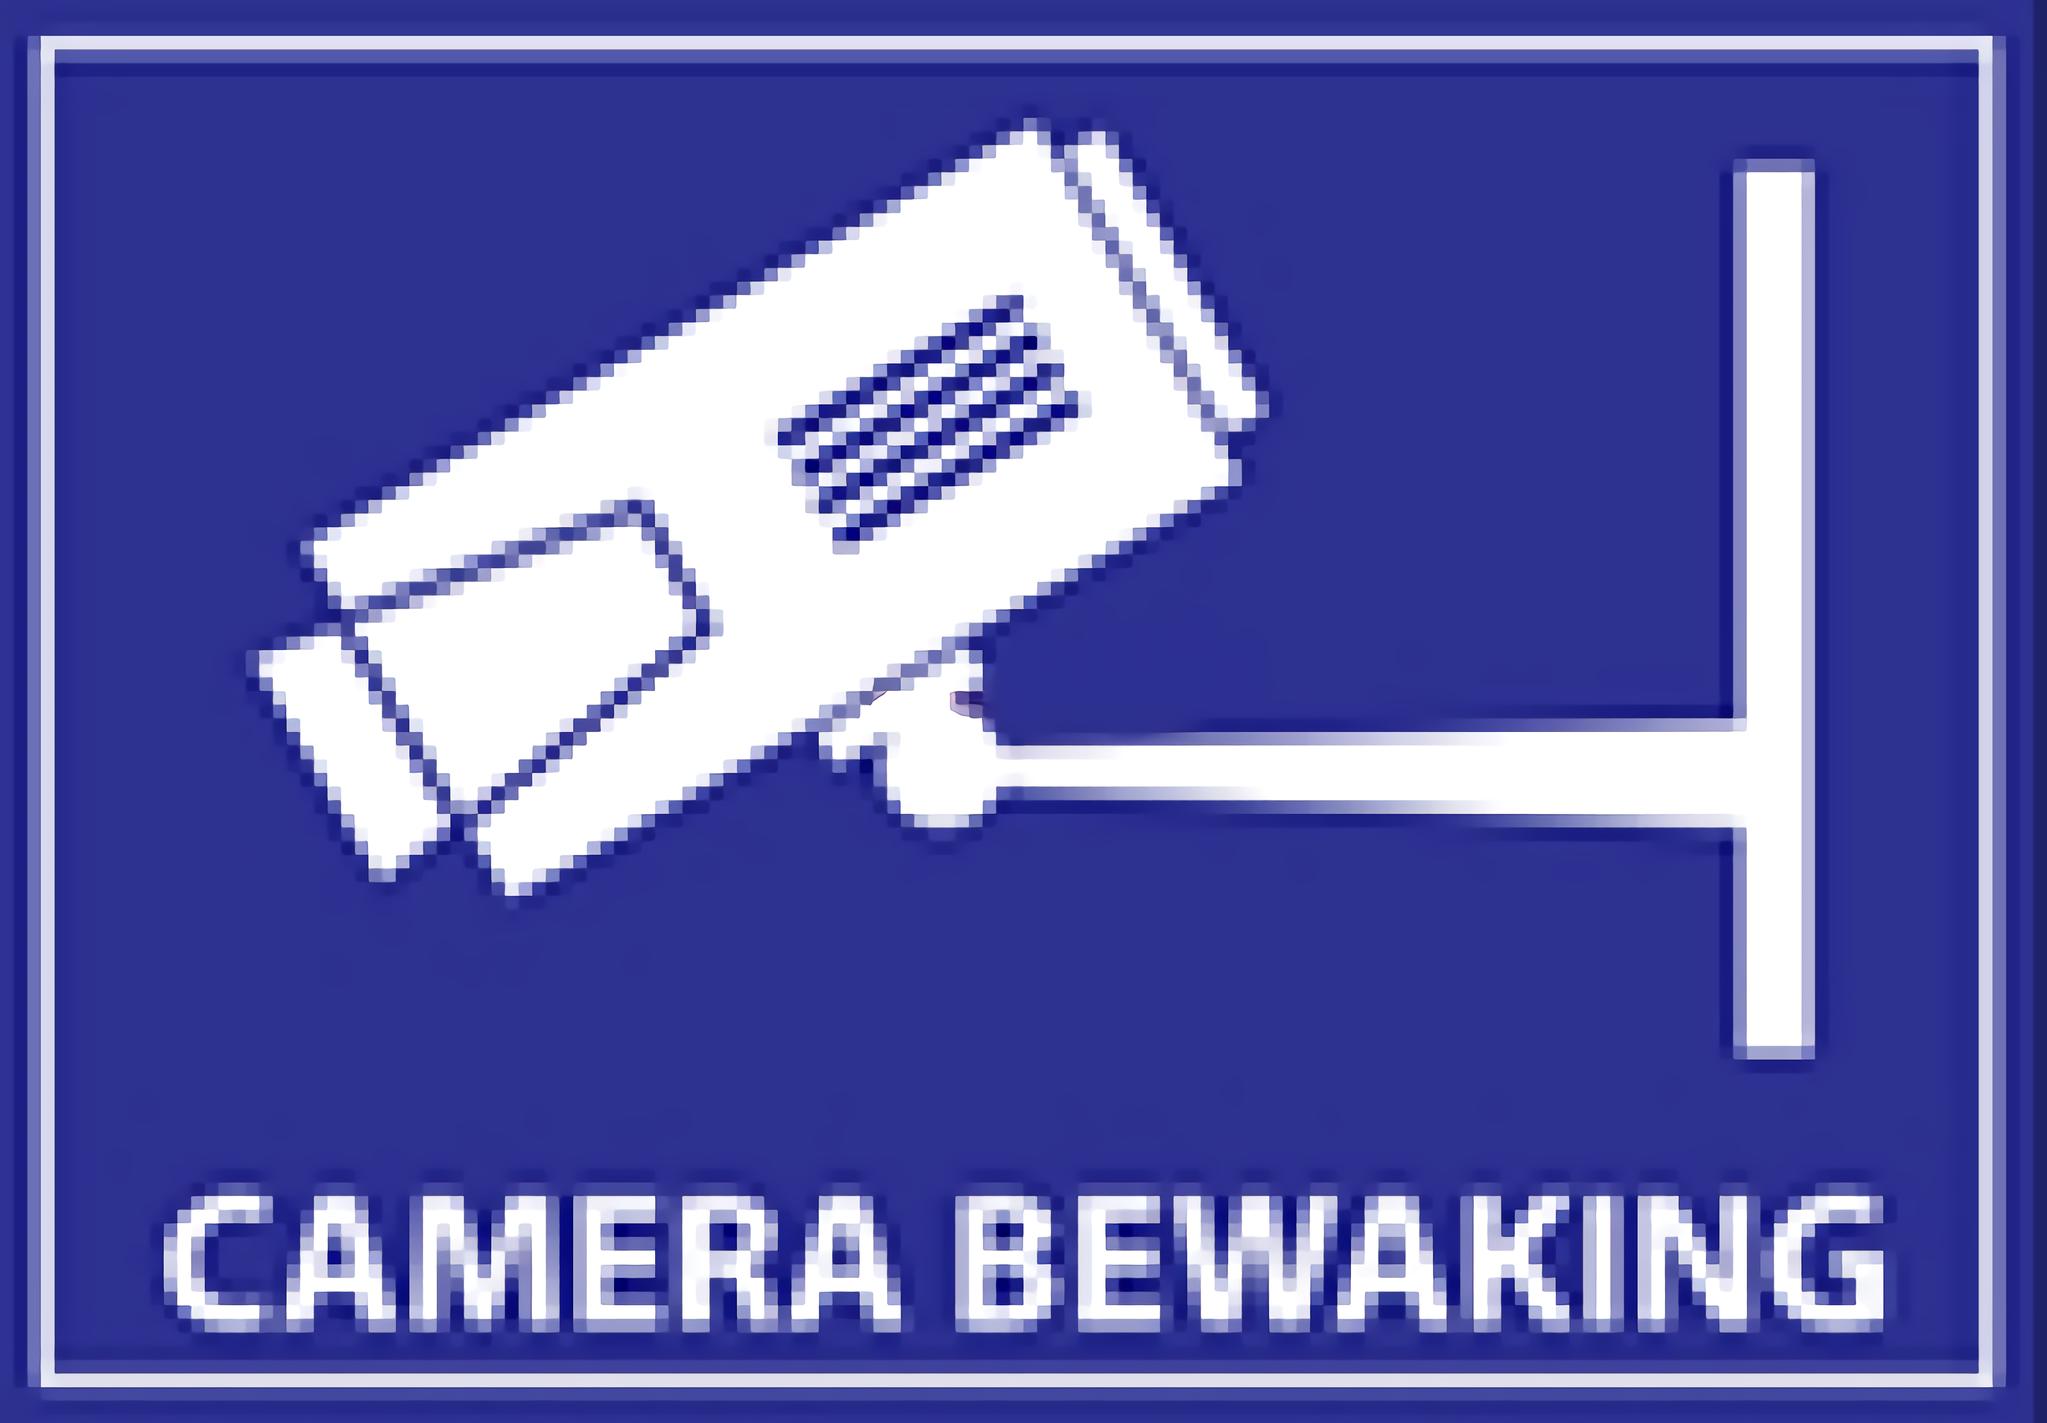 Puntare le telecamere di sorveglianza su clienti, dipendenti e passanti. Questo adesivo di avvertimento professionale rileva e può quindi evitare molti fastidi. Gli adesivi sono unilaterali e resistenti alle intemperie.